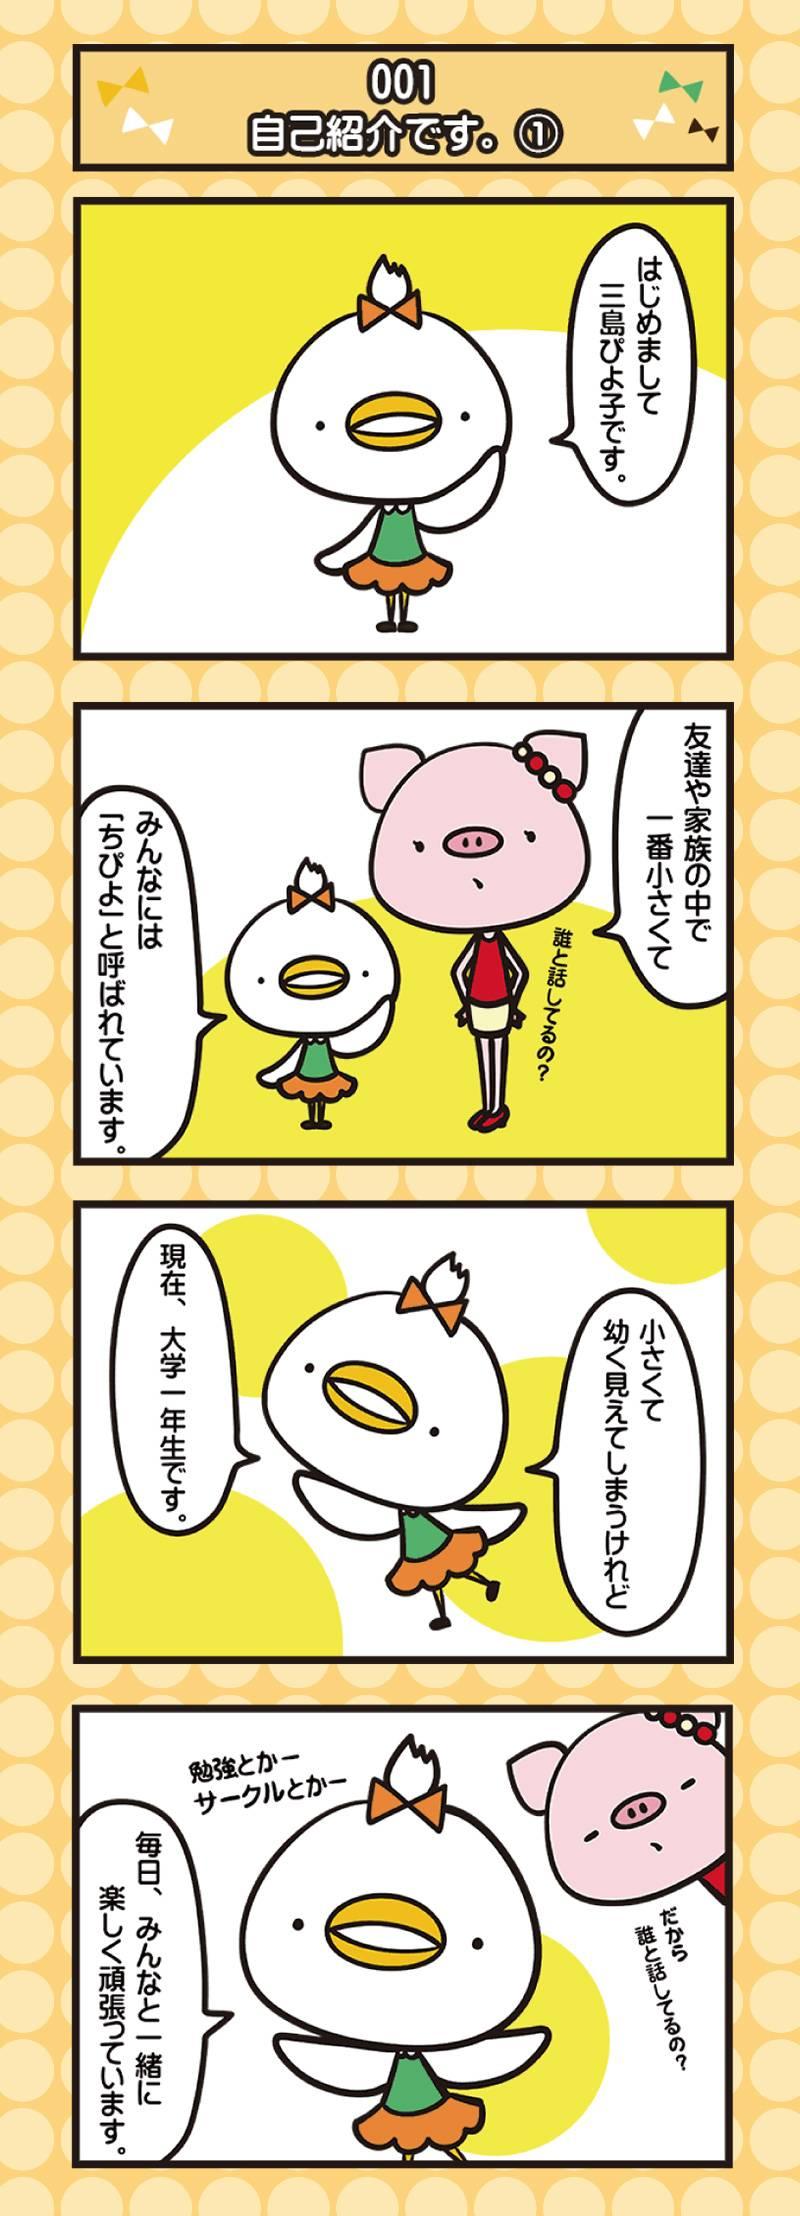 【4コマ】ピヨピヨちぴよ 第1話